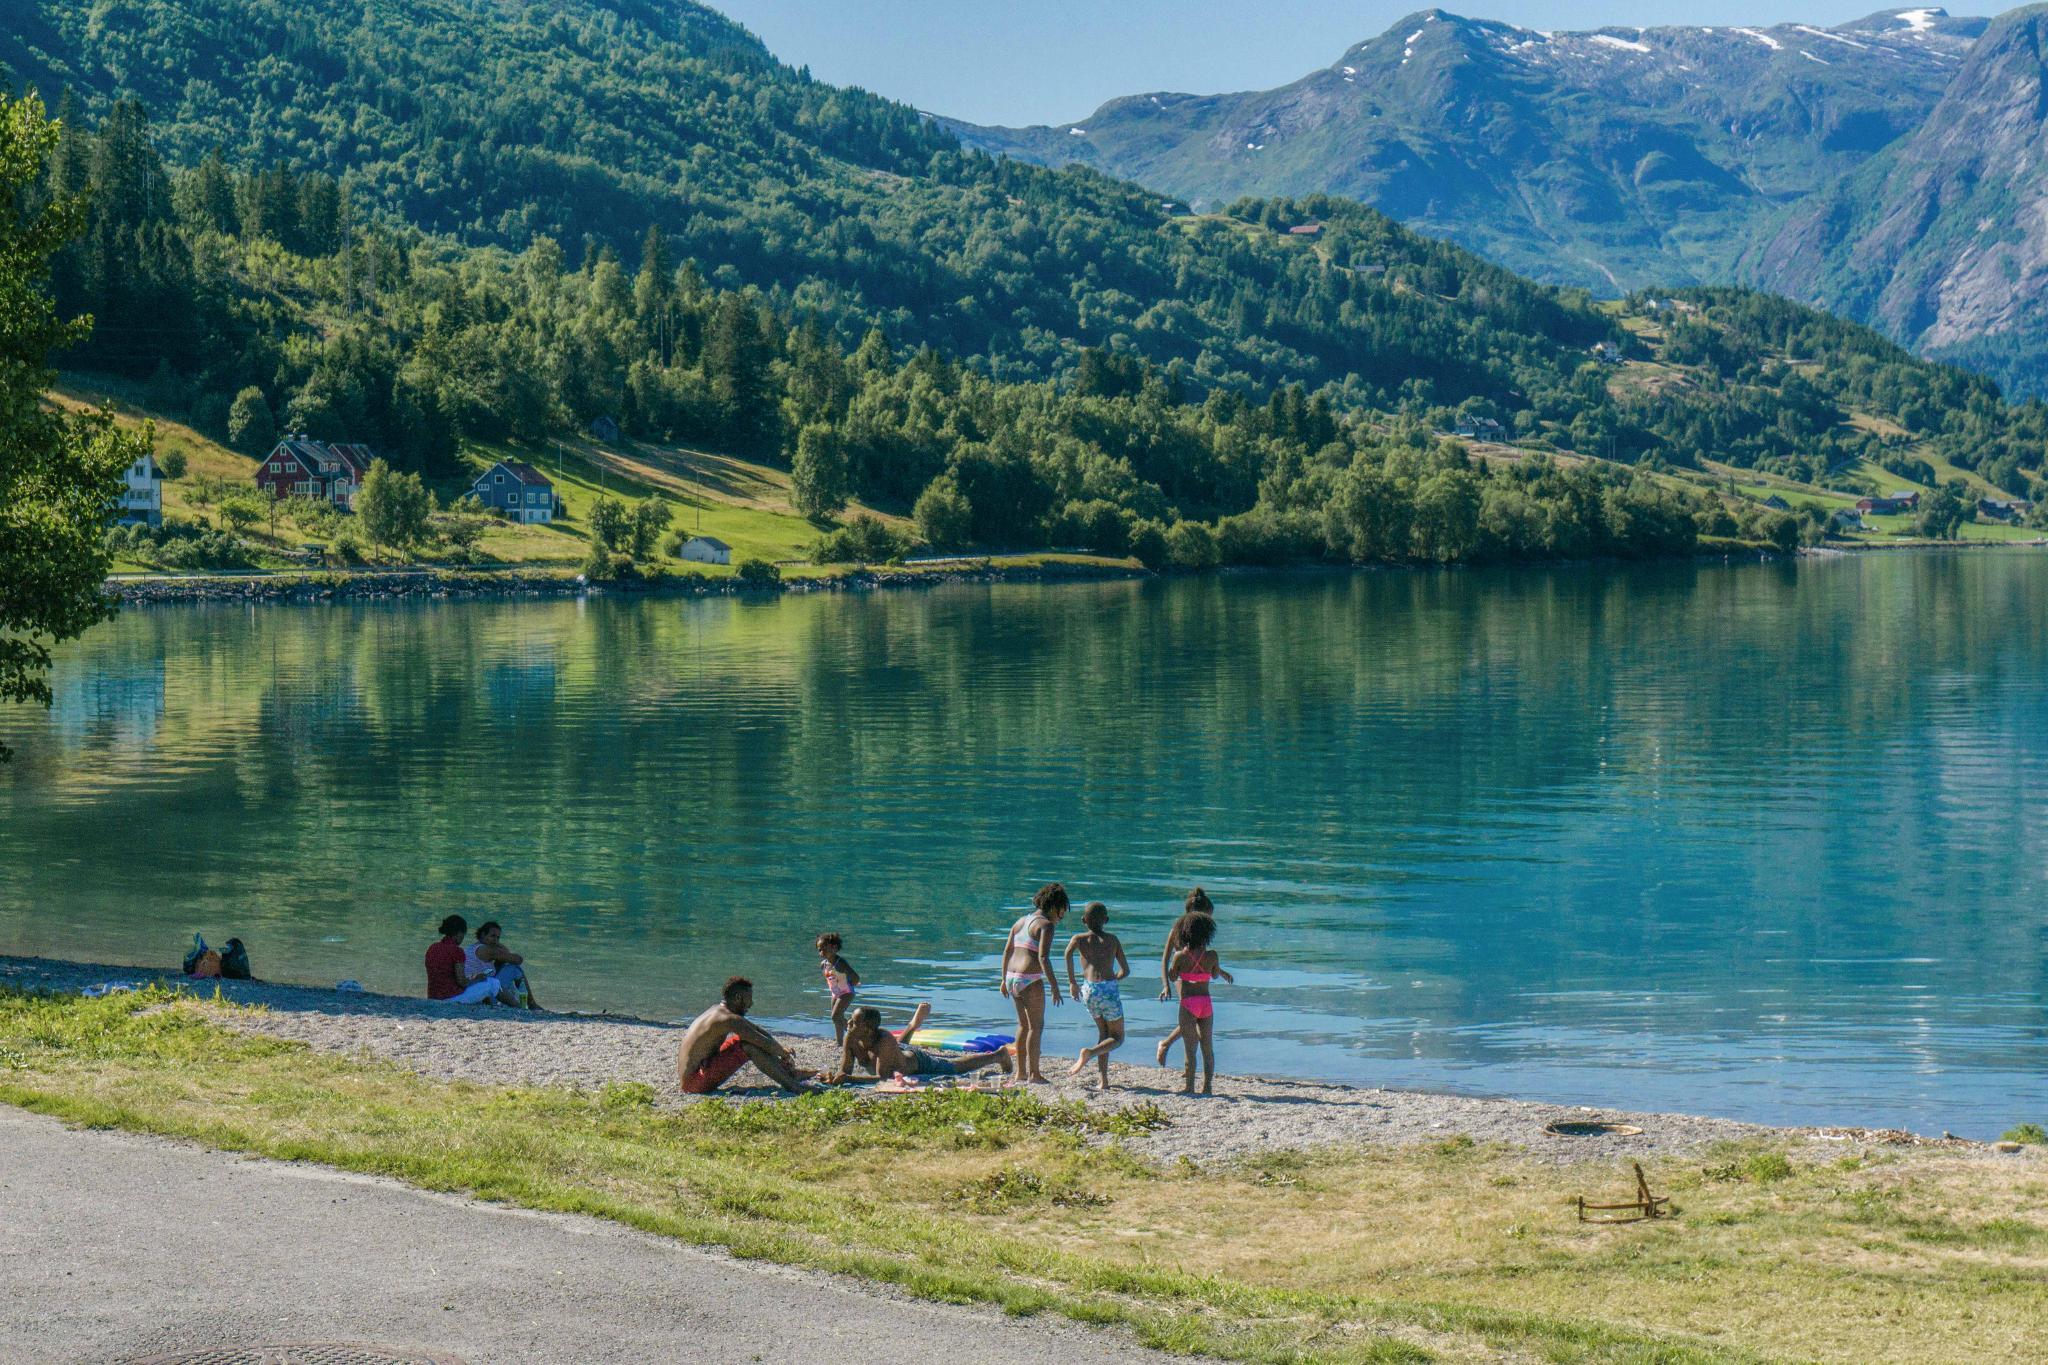 【北歐景點】朝聖歐洲大陸最大的冰河 - 挪威約詩達特冰河國家公園 (Jostedalsbreen National Park) 10